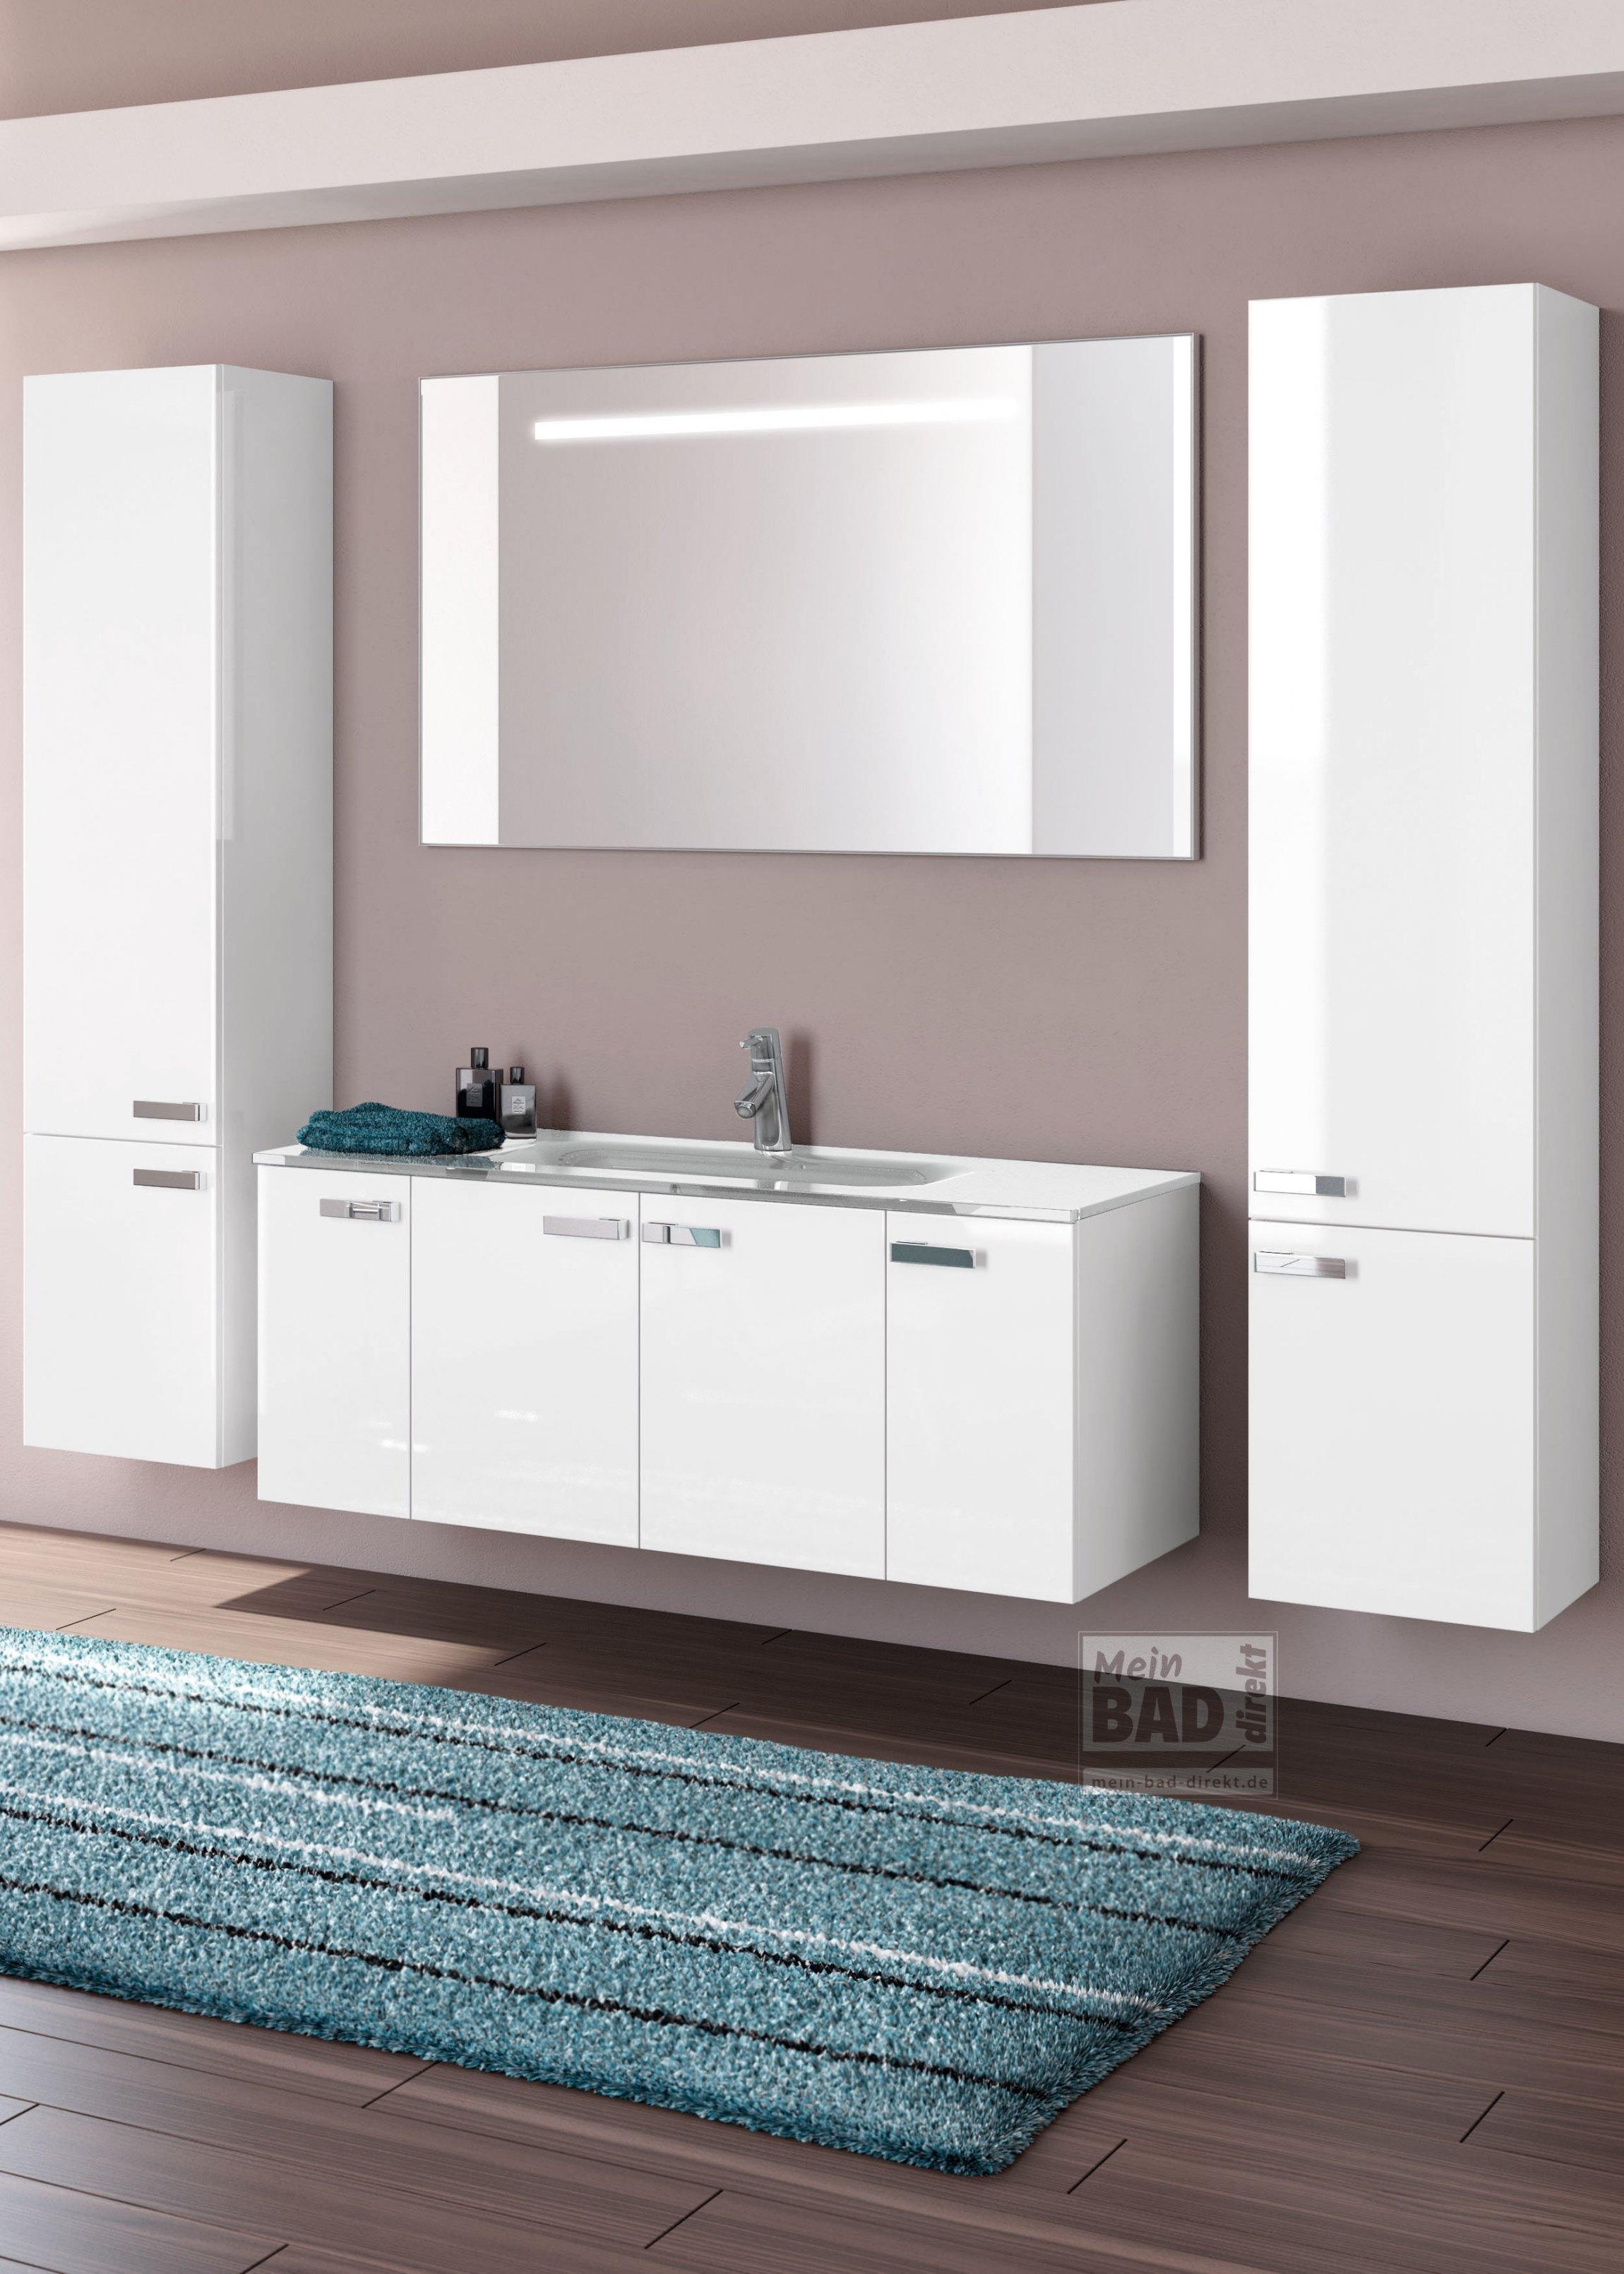 e 3 gro er waschtisch mit unterschrank 120 cm mein bad direkt. Black Bedroom Furniture Sets. Home Design Ideas